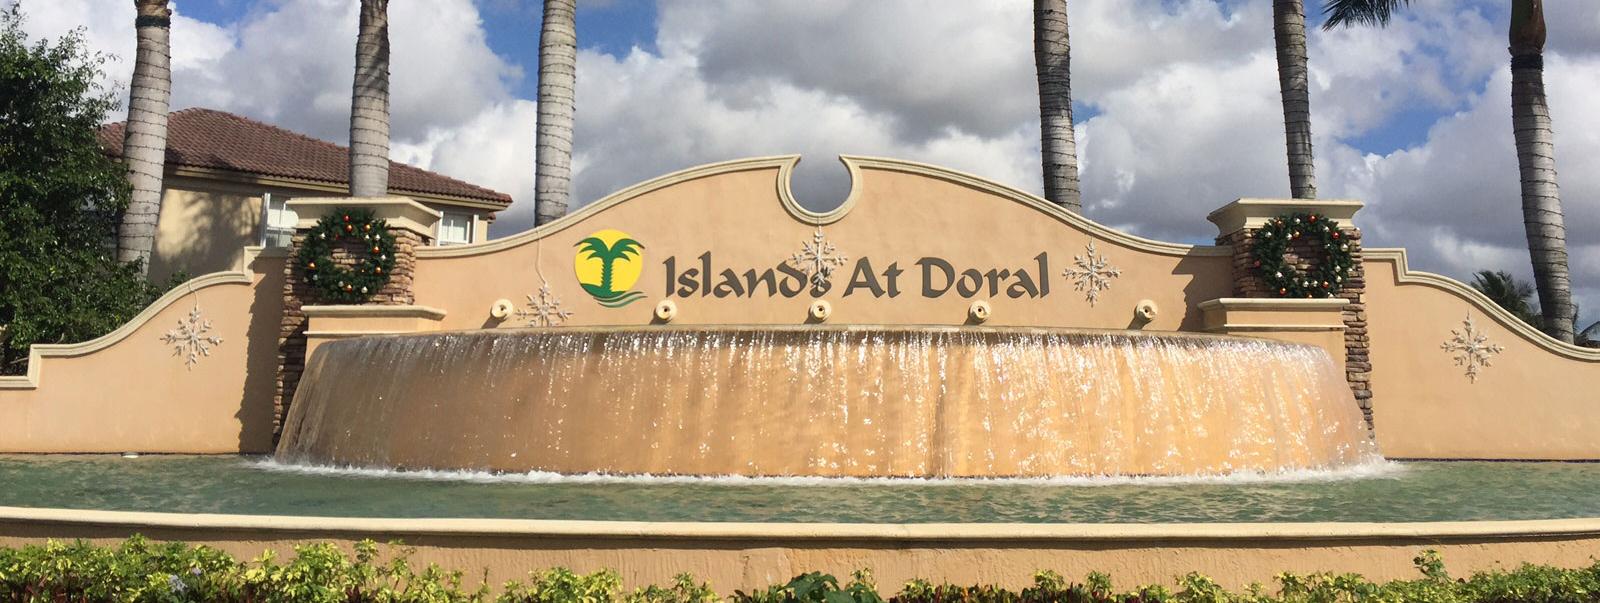 Islands at Doral CDD Image